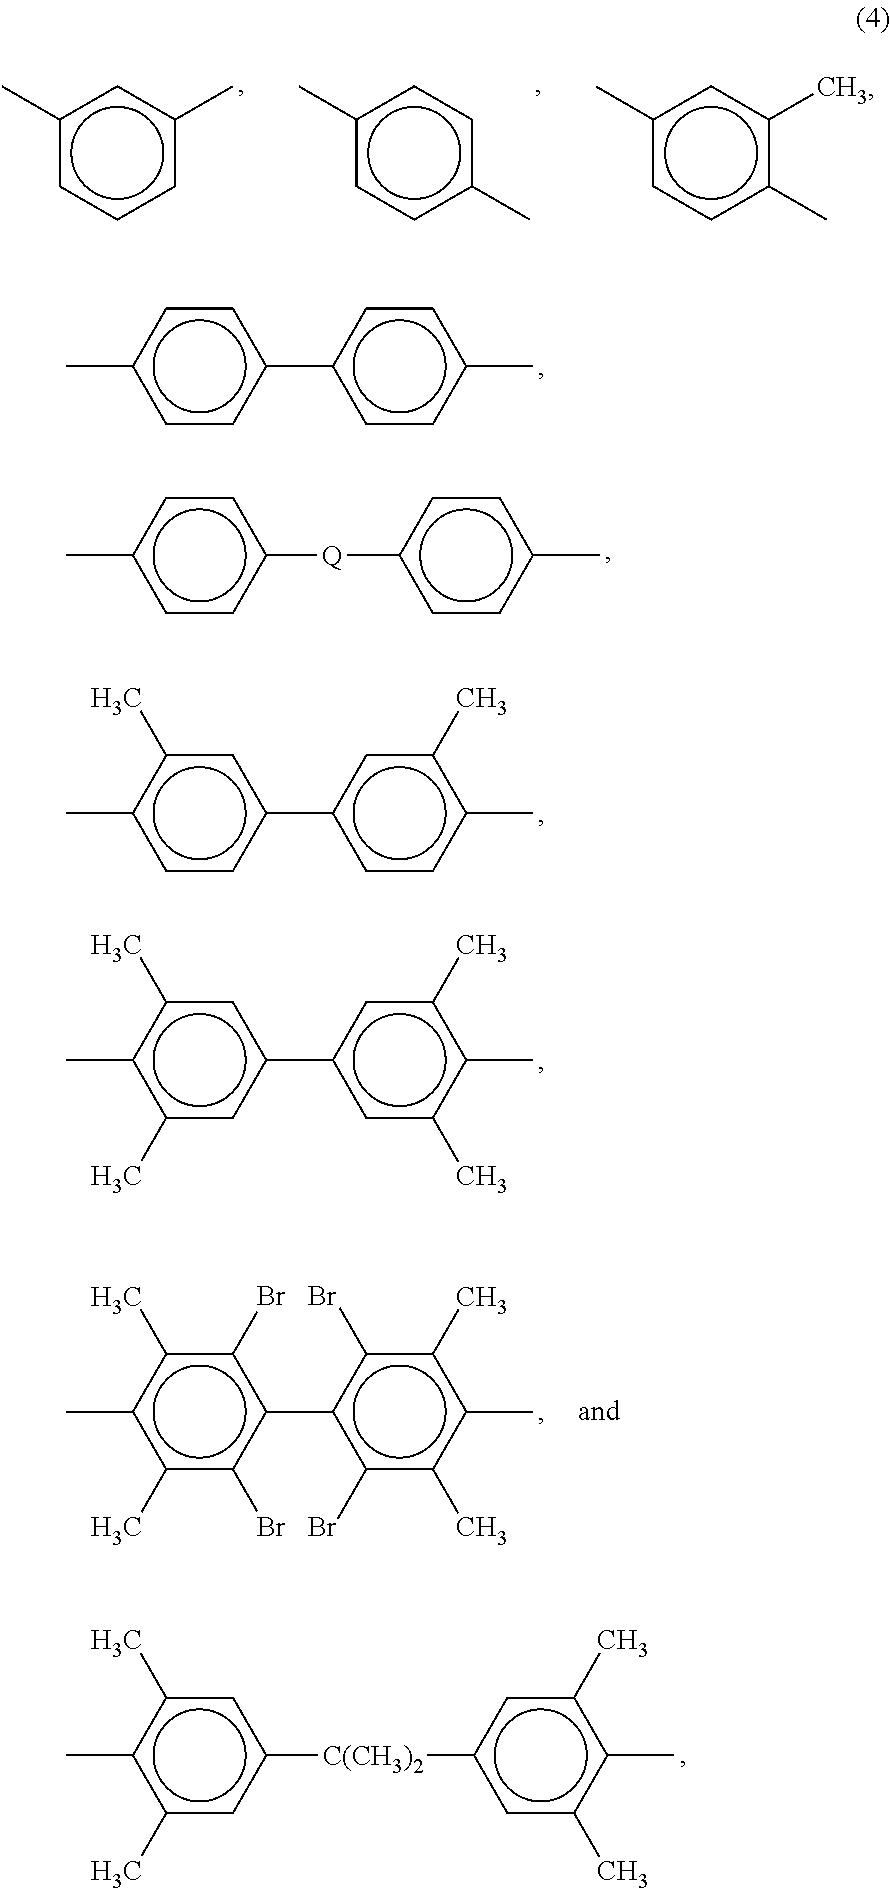 Figure US09732196-20170815-C00007